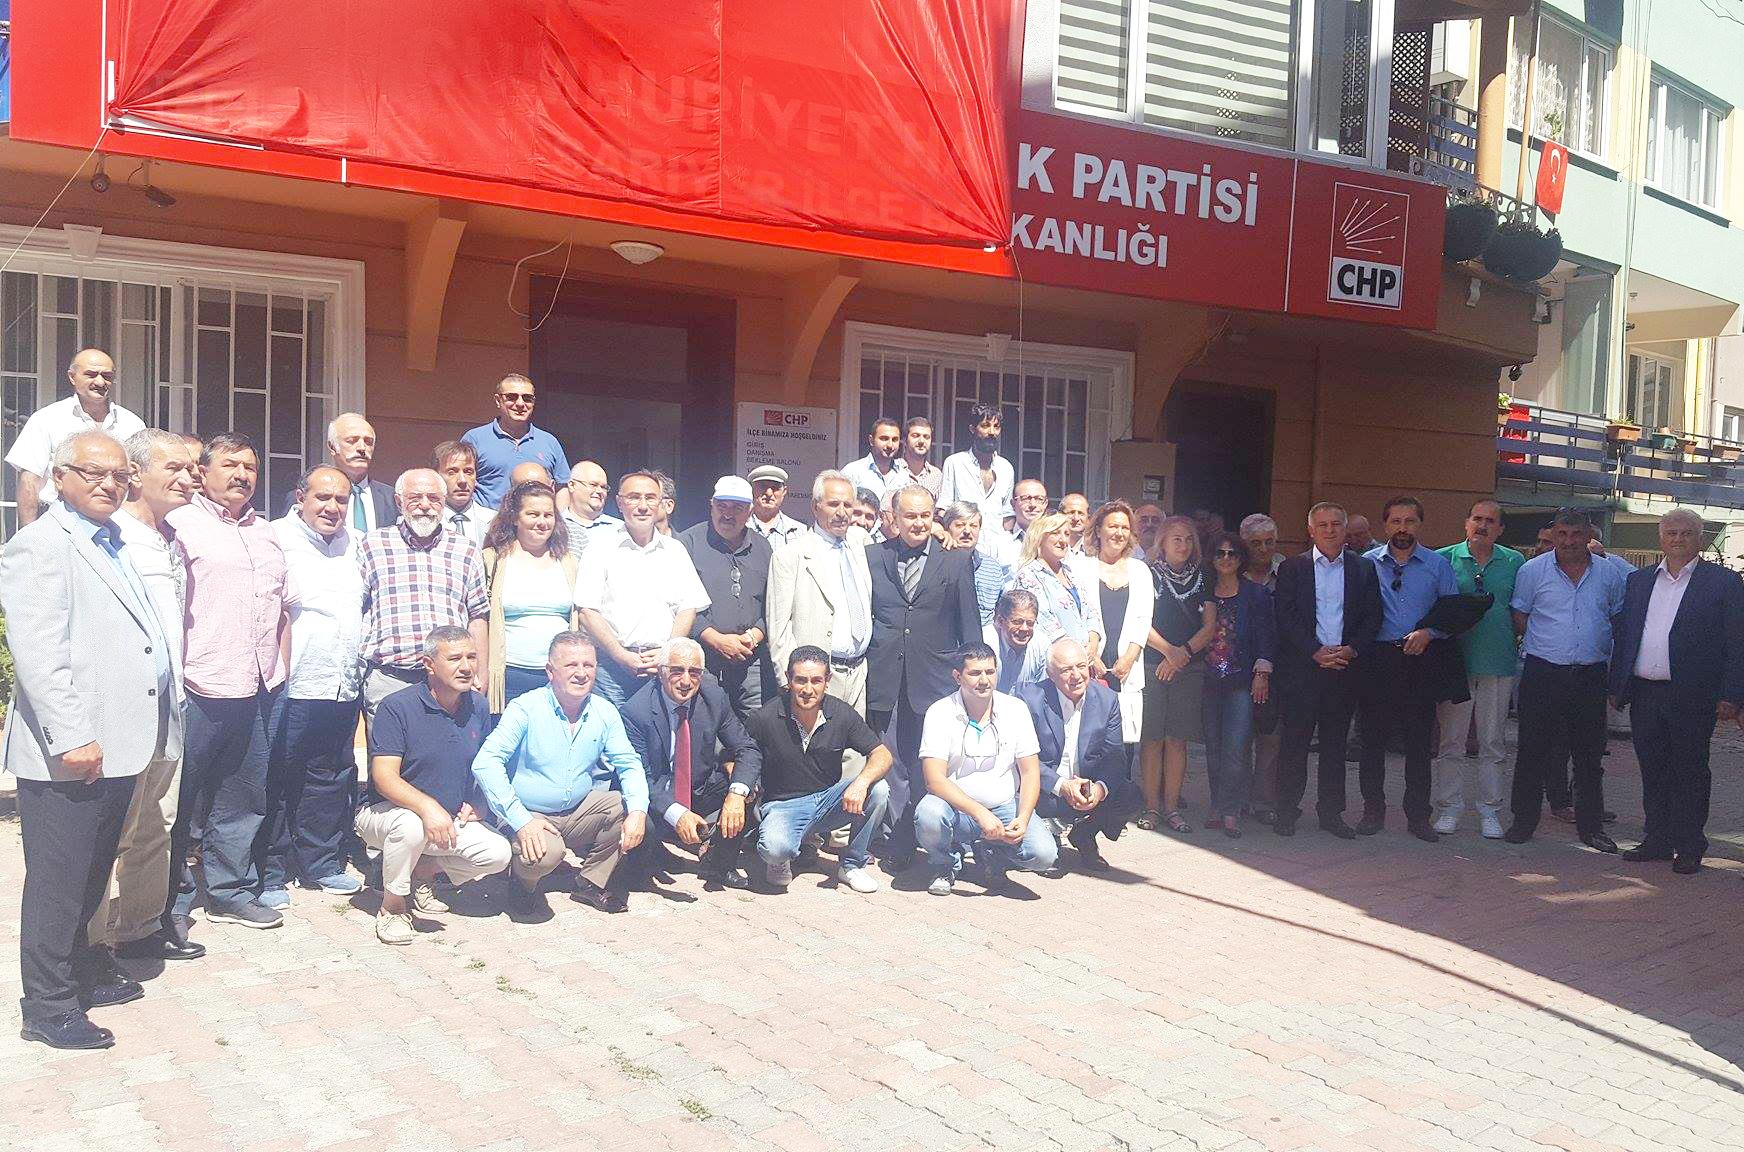 CHP Sarıyer bayramlaşma töreninde buluştu.